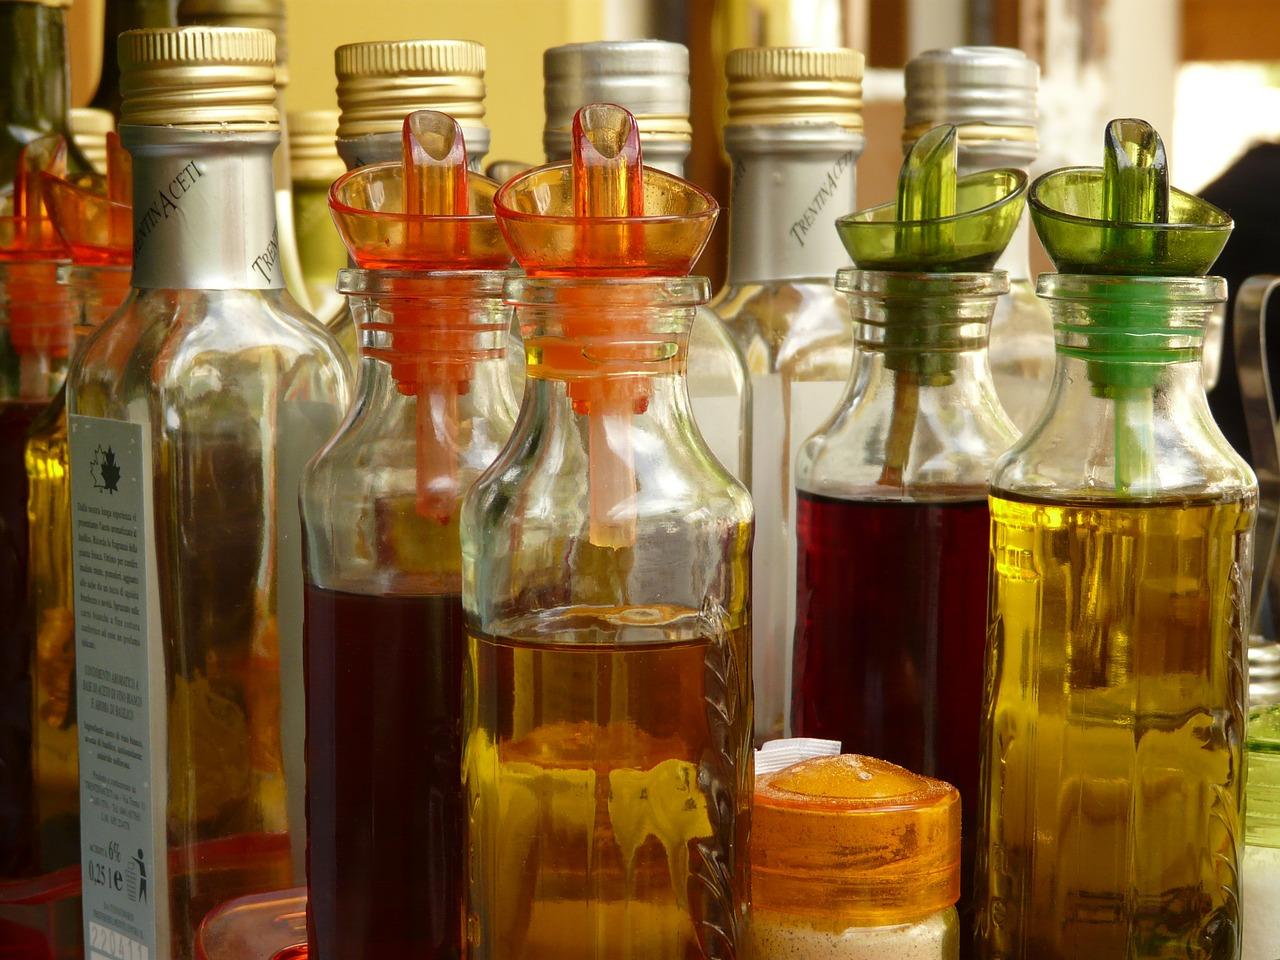 Apple Cider Vinegar Vs. White Vinegar: liquids in bottles